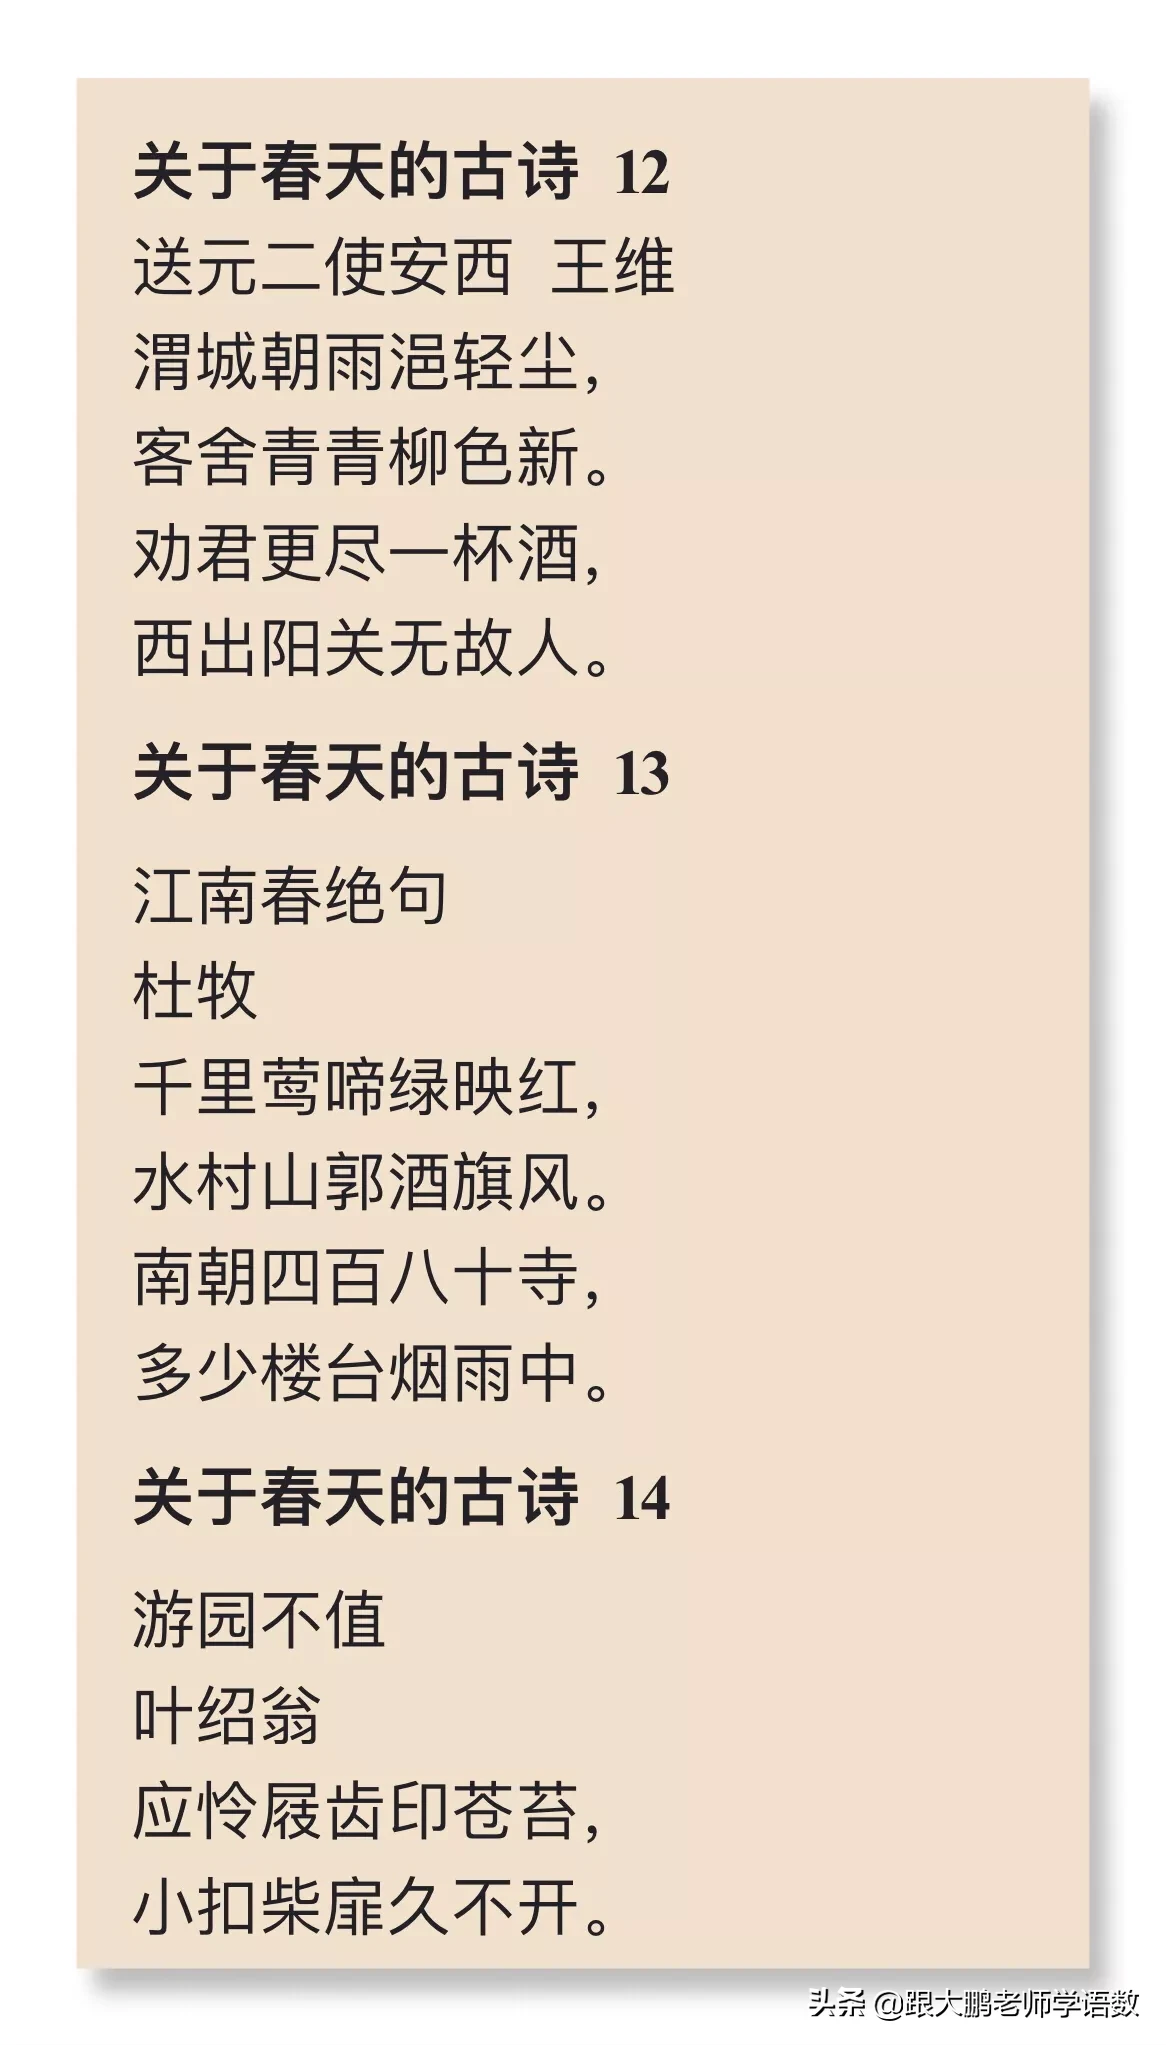 有关春天的古诗,值得读一读